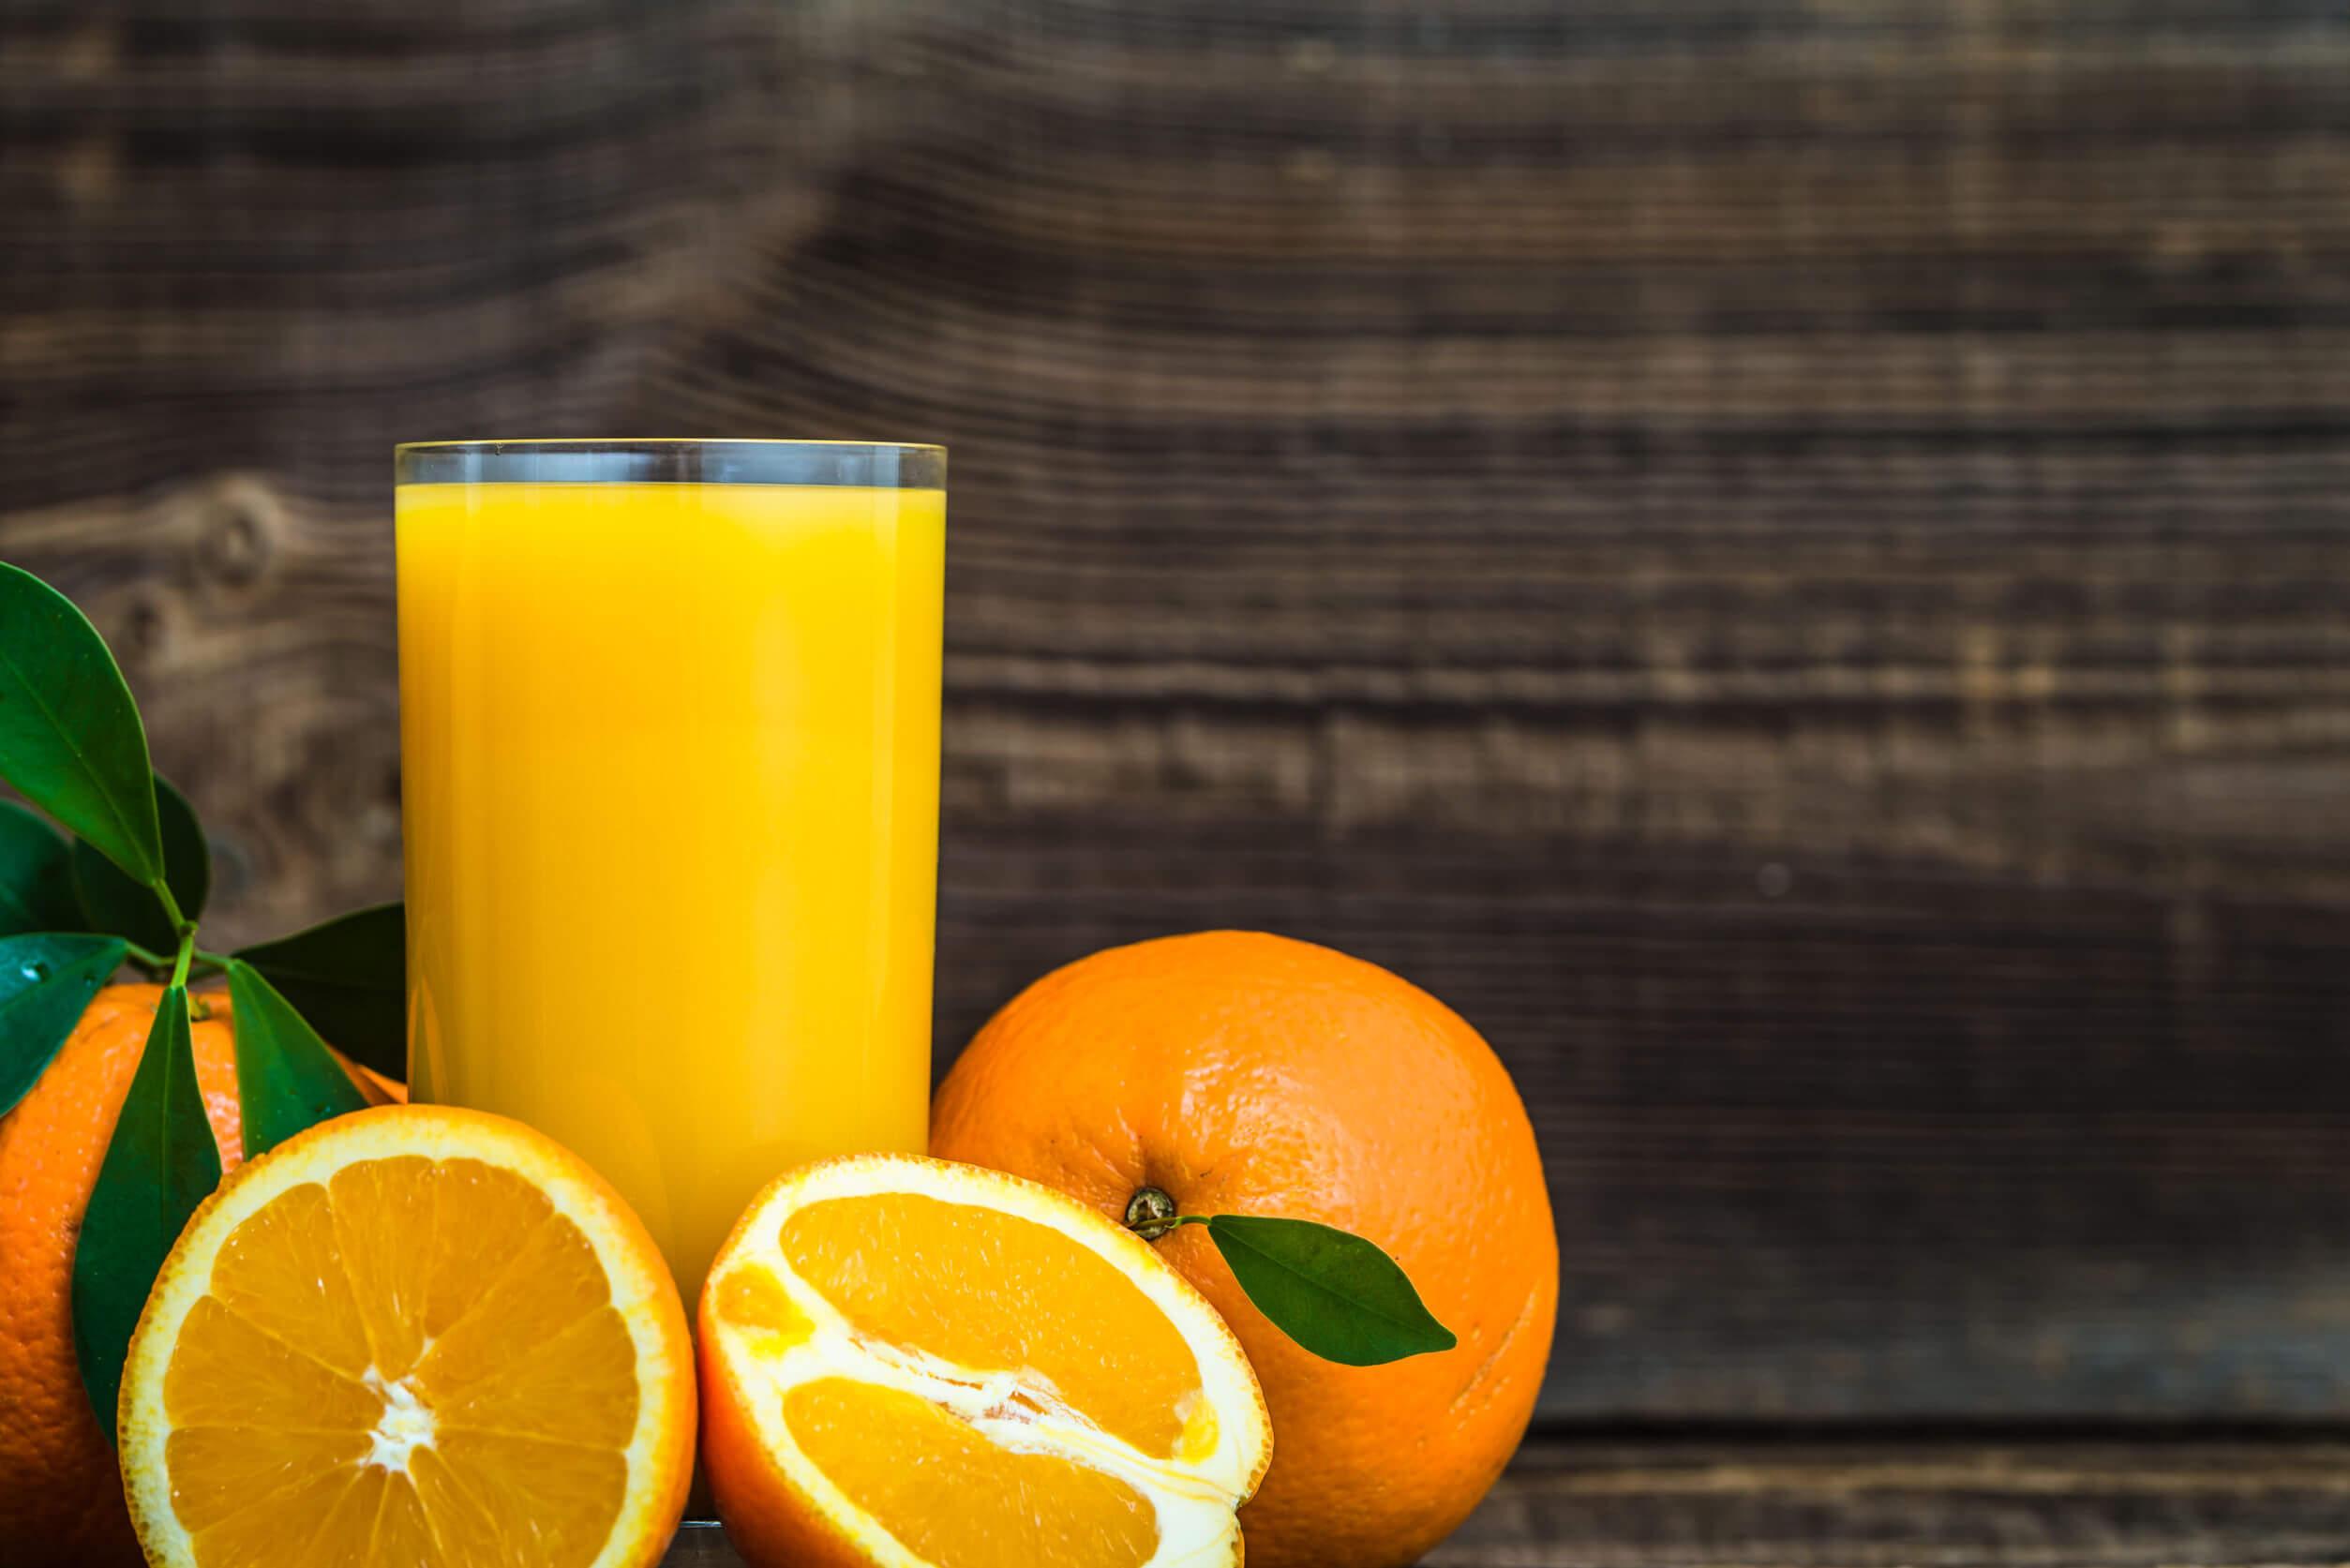 Gli agrumi sono una fonte di vitamina C, nutriente fondamentale per la salute del sistema immunitario.